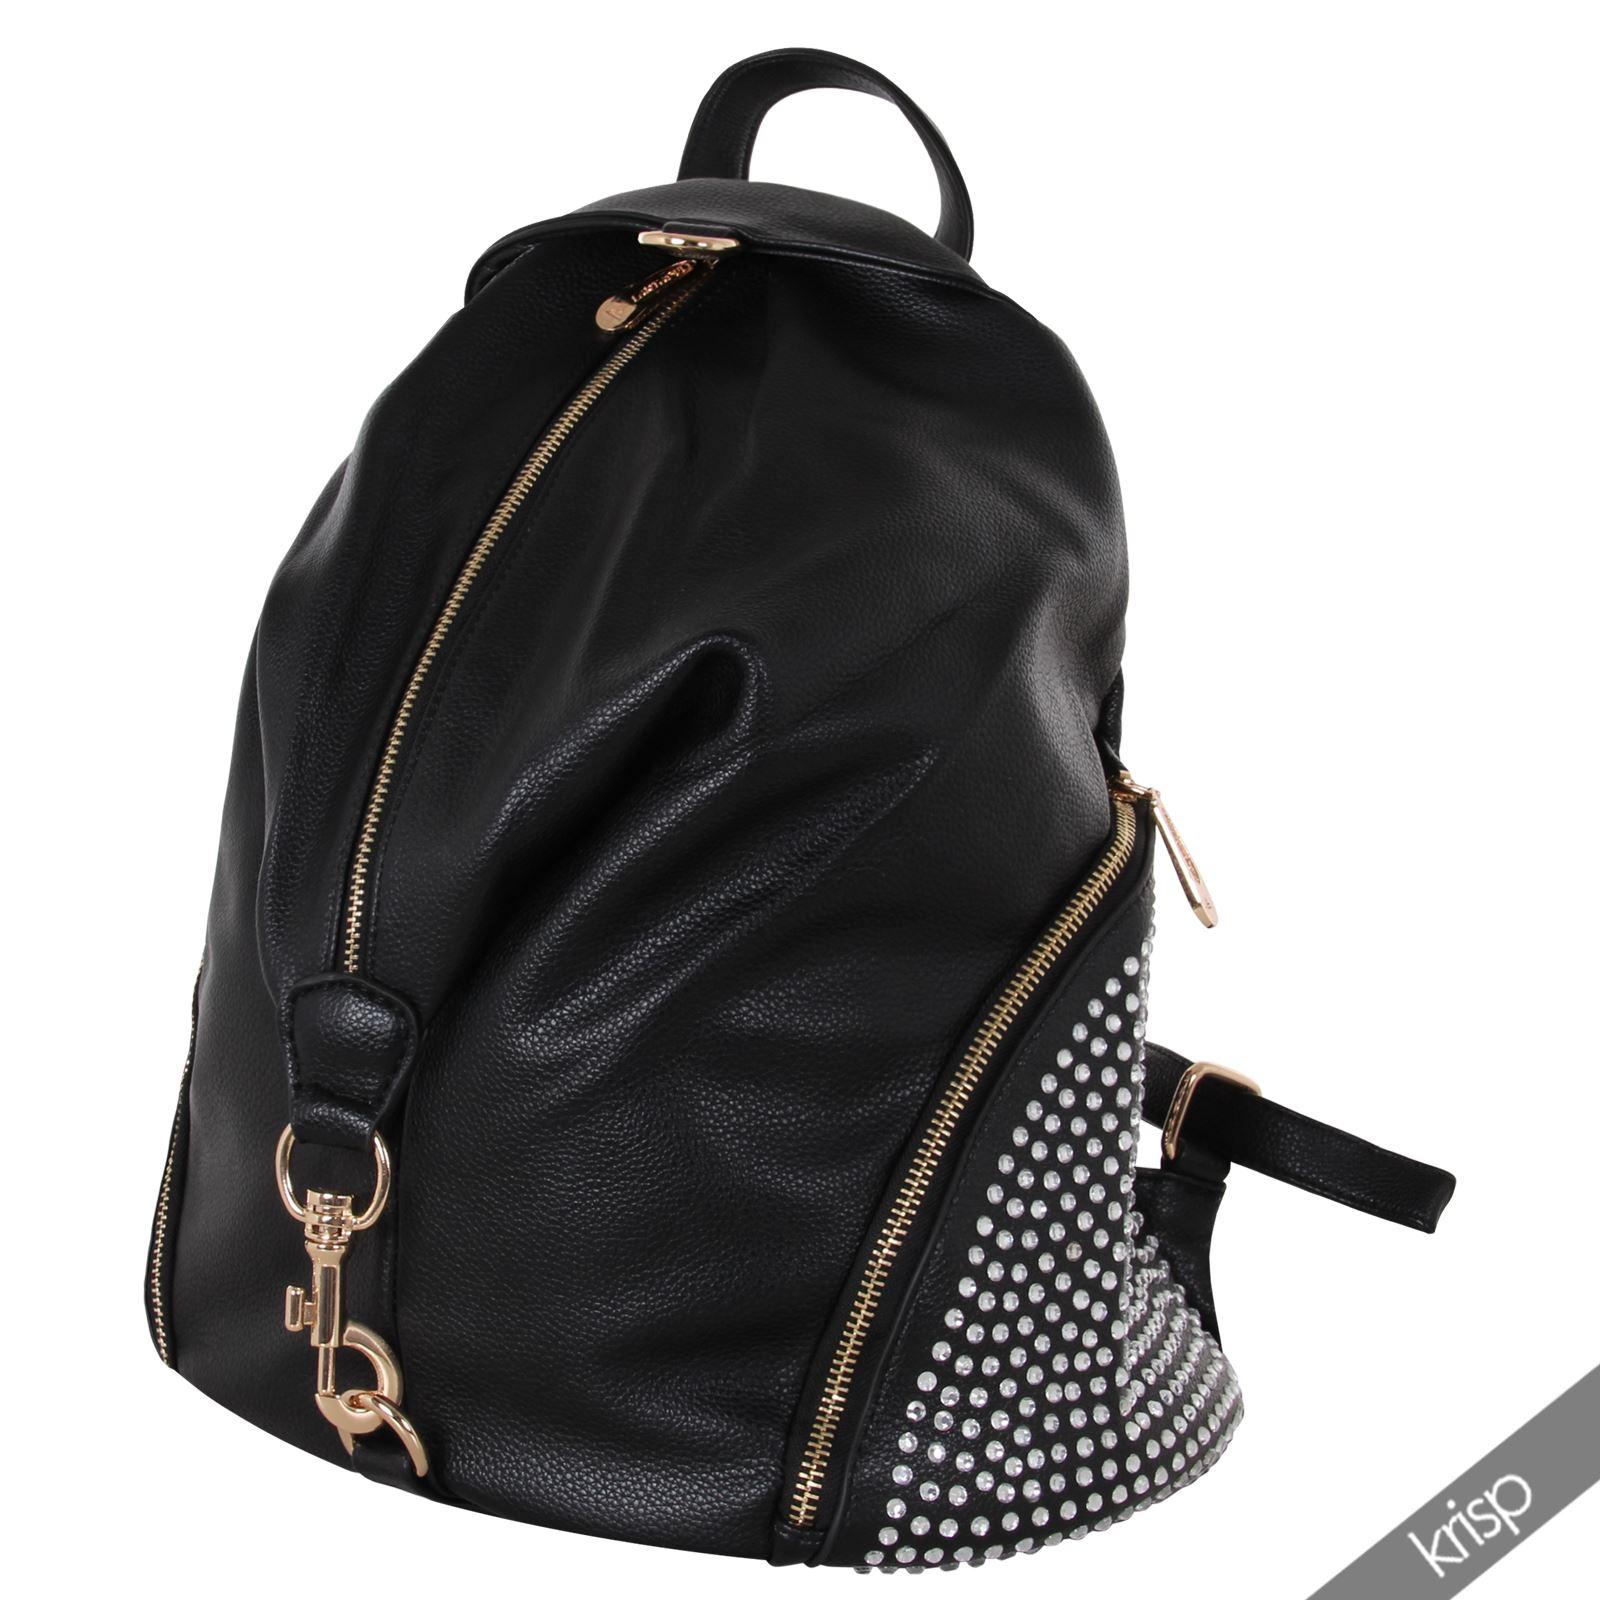 damen rucksack schultertasche mit strass rei verschluss. Black Bedroom Furniture Sets. Home Design Ideas